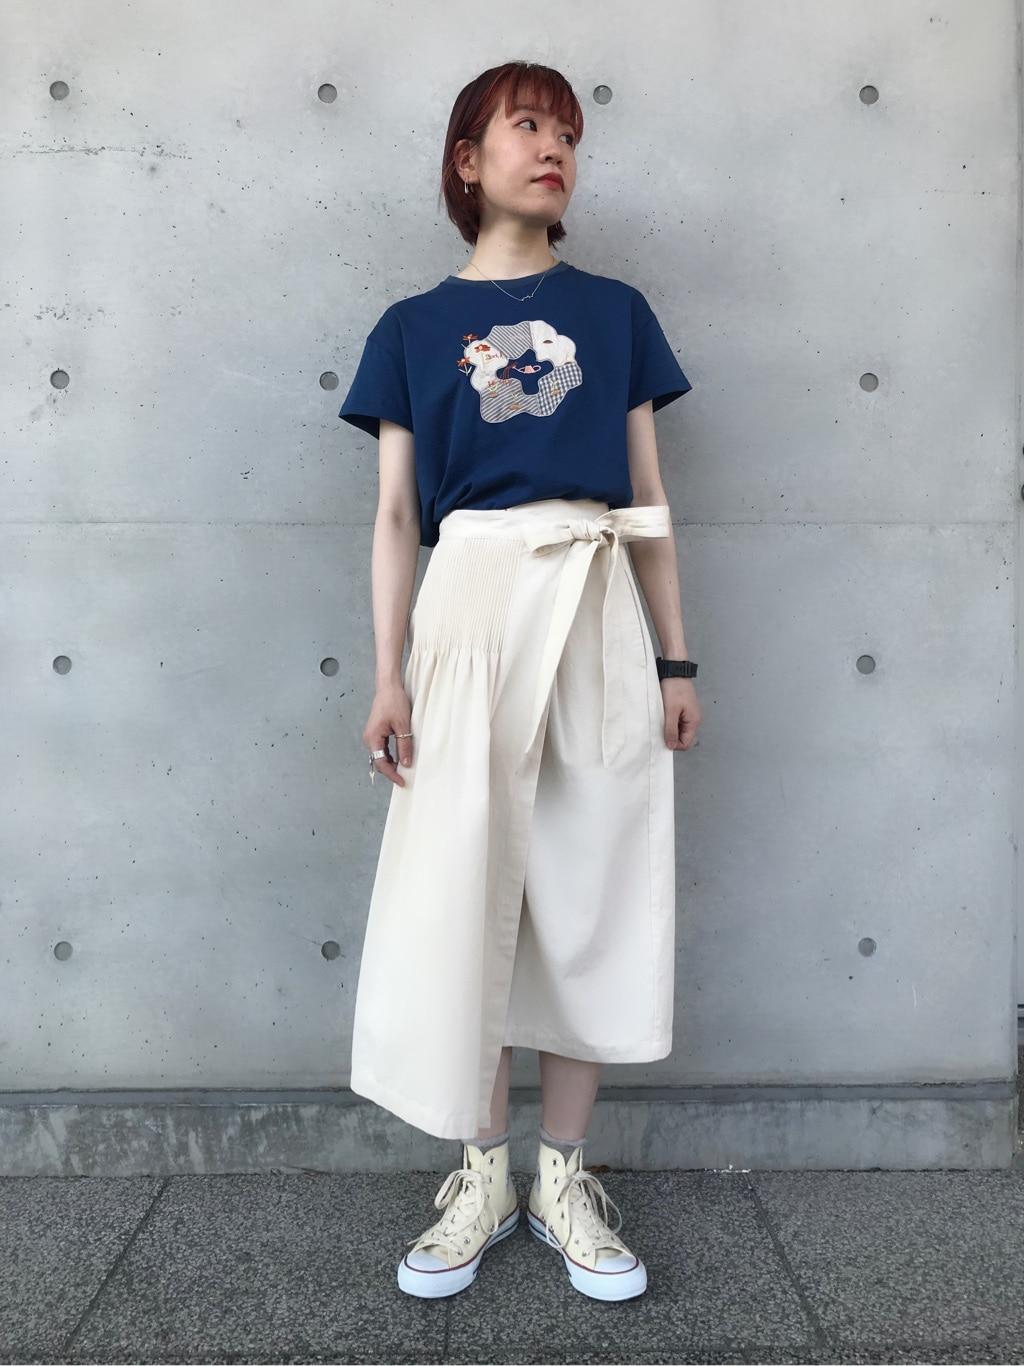 東京スカイツリータウン・ソラマチ 2020.08.18